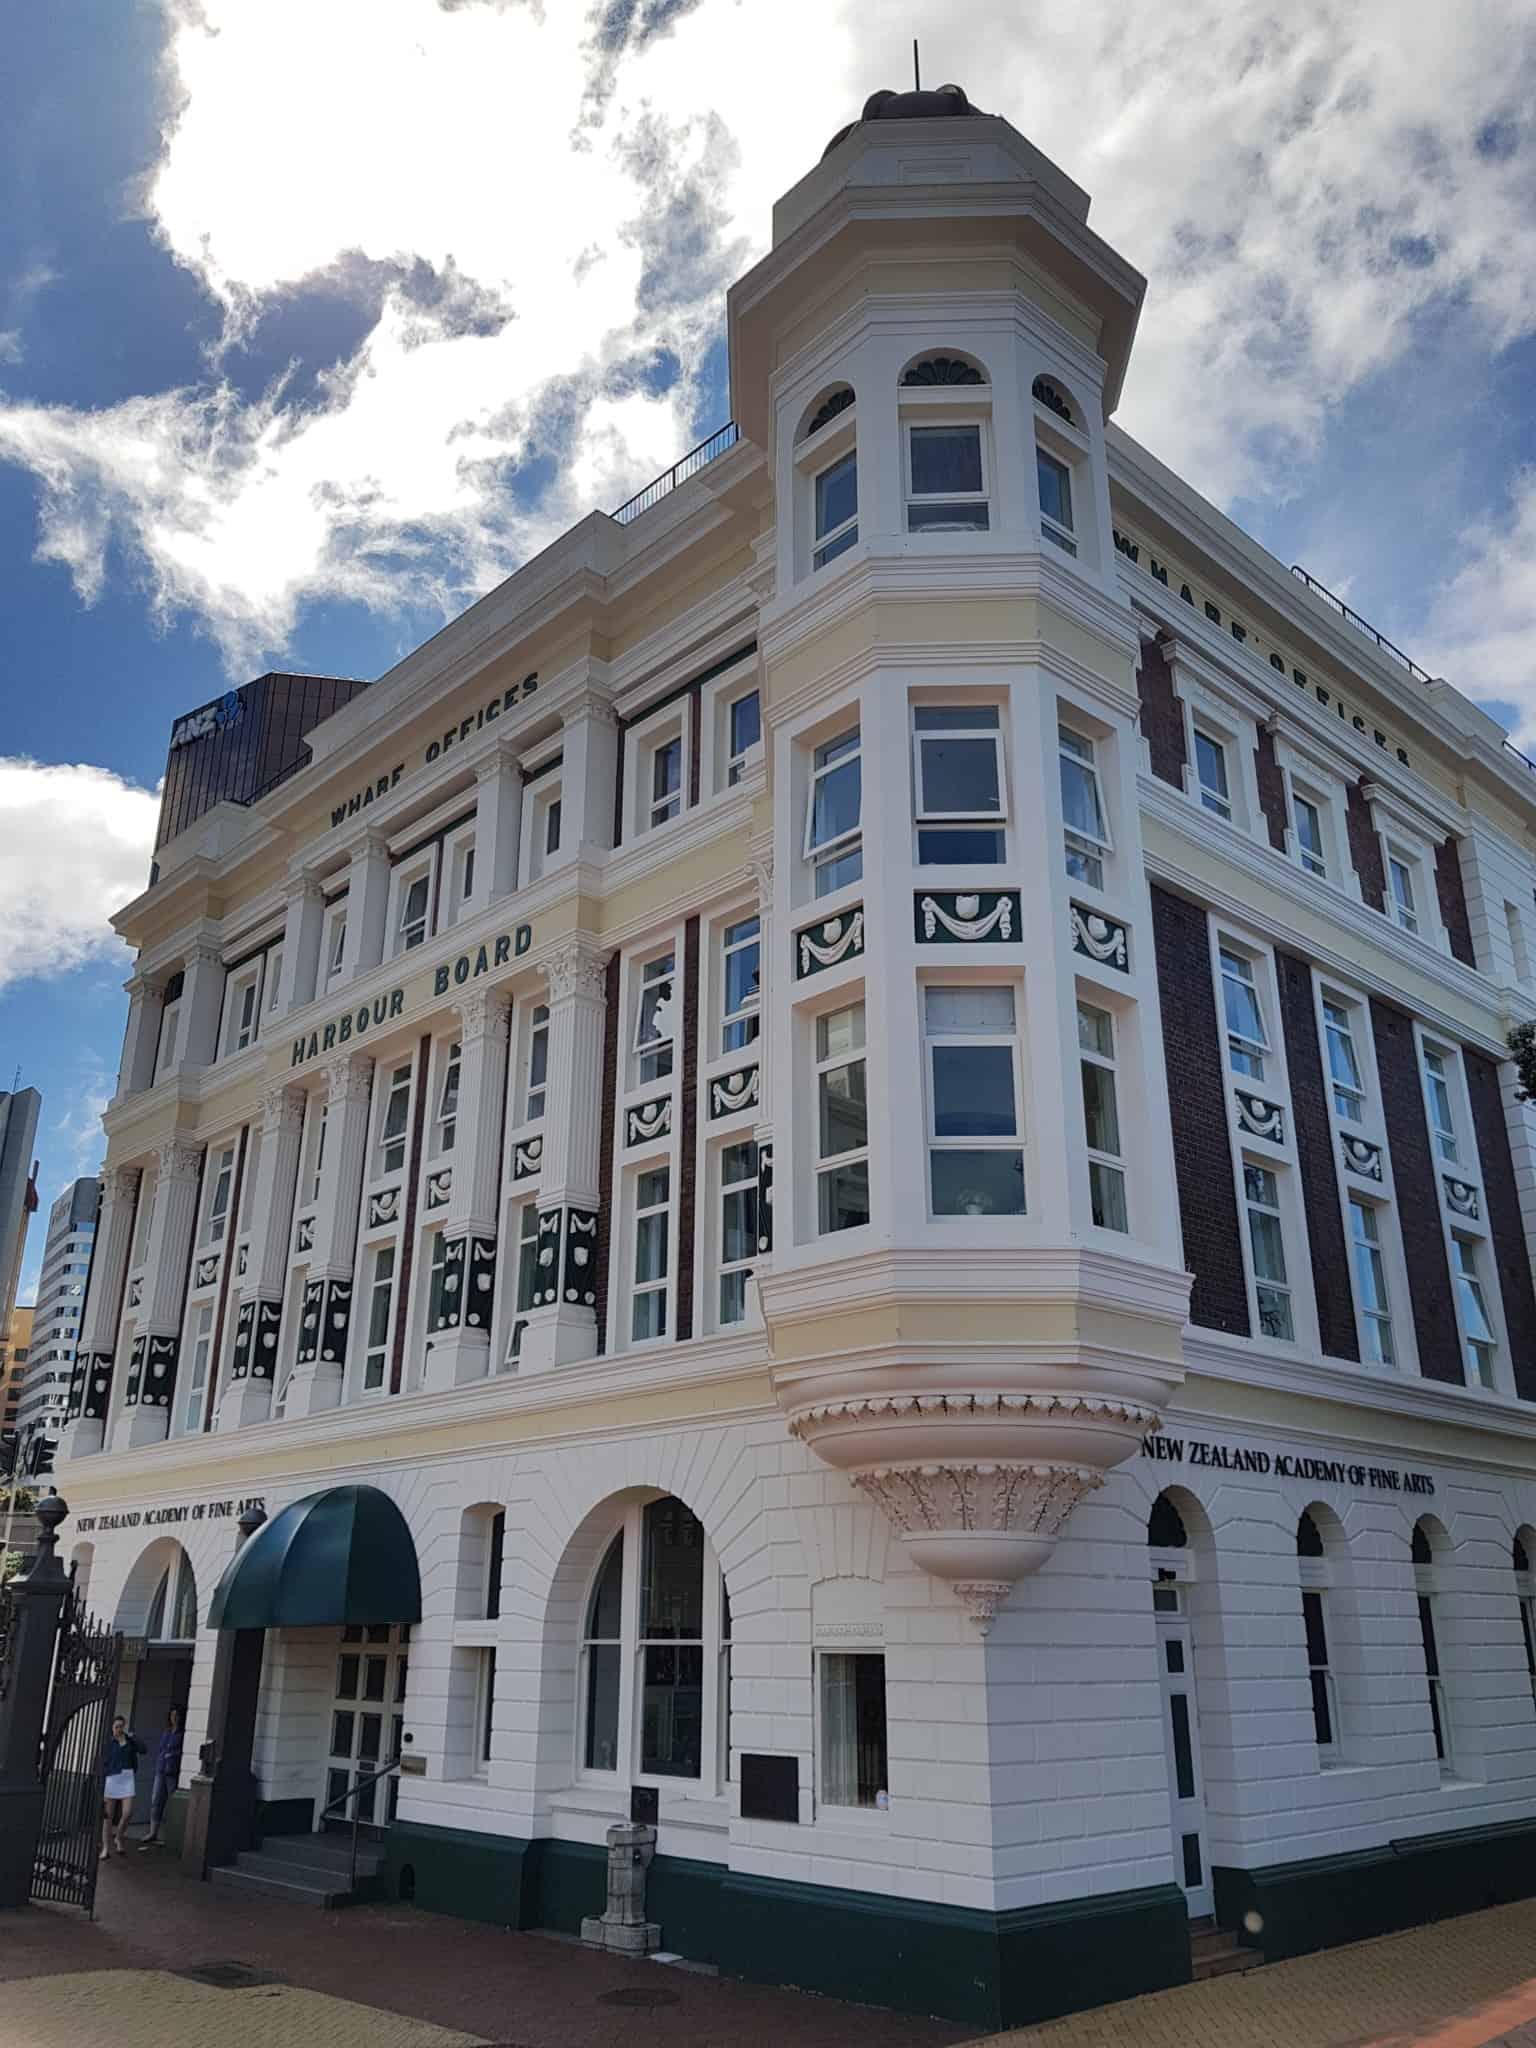 Nouvelle-Zélande, on visite  Wellington avant d'embarquer pour l'île du Sud ⛴ 10